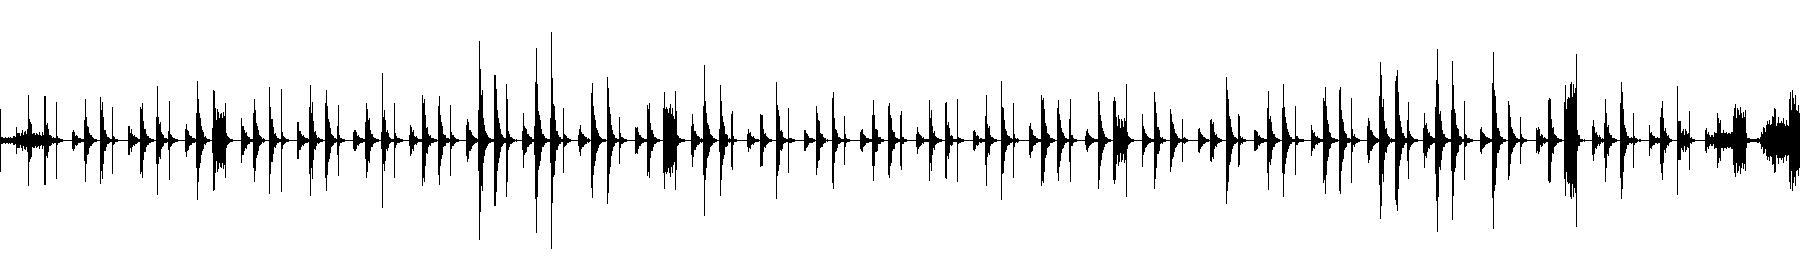 fancy synth